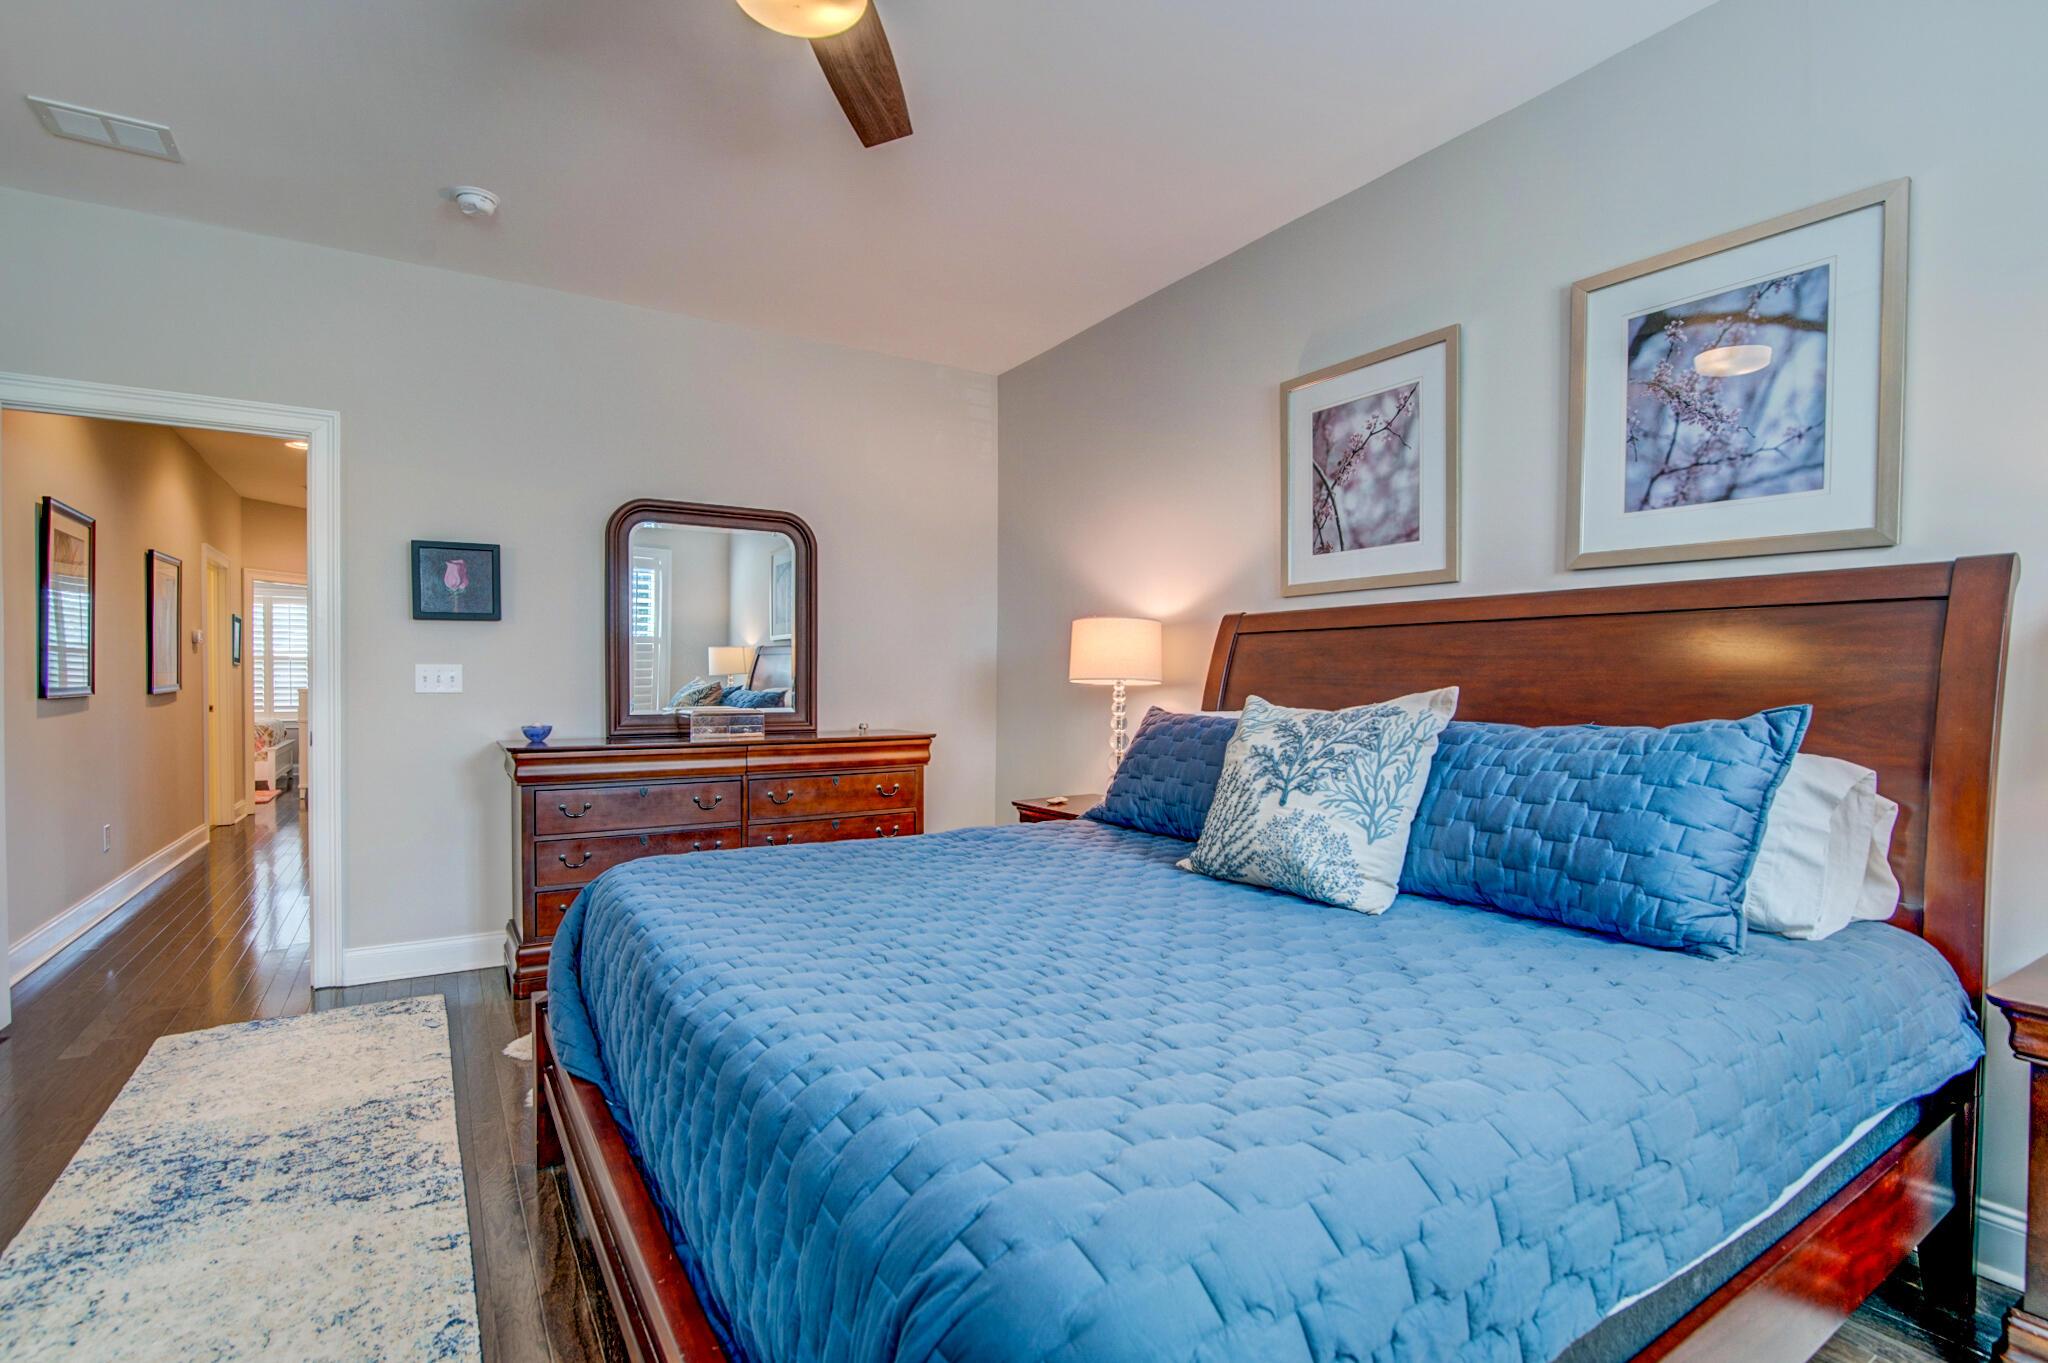 Whitesides Park Homes For Sale - 1102 Alagash Way, Mount Pleasant, SC - 33